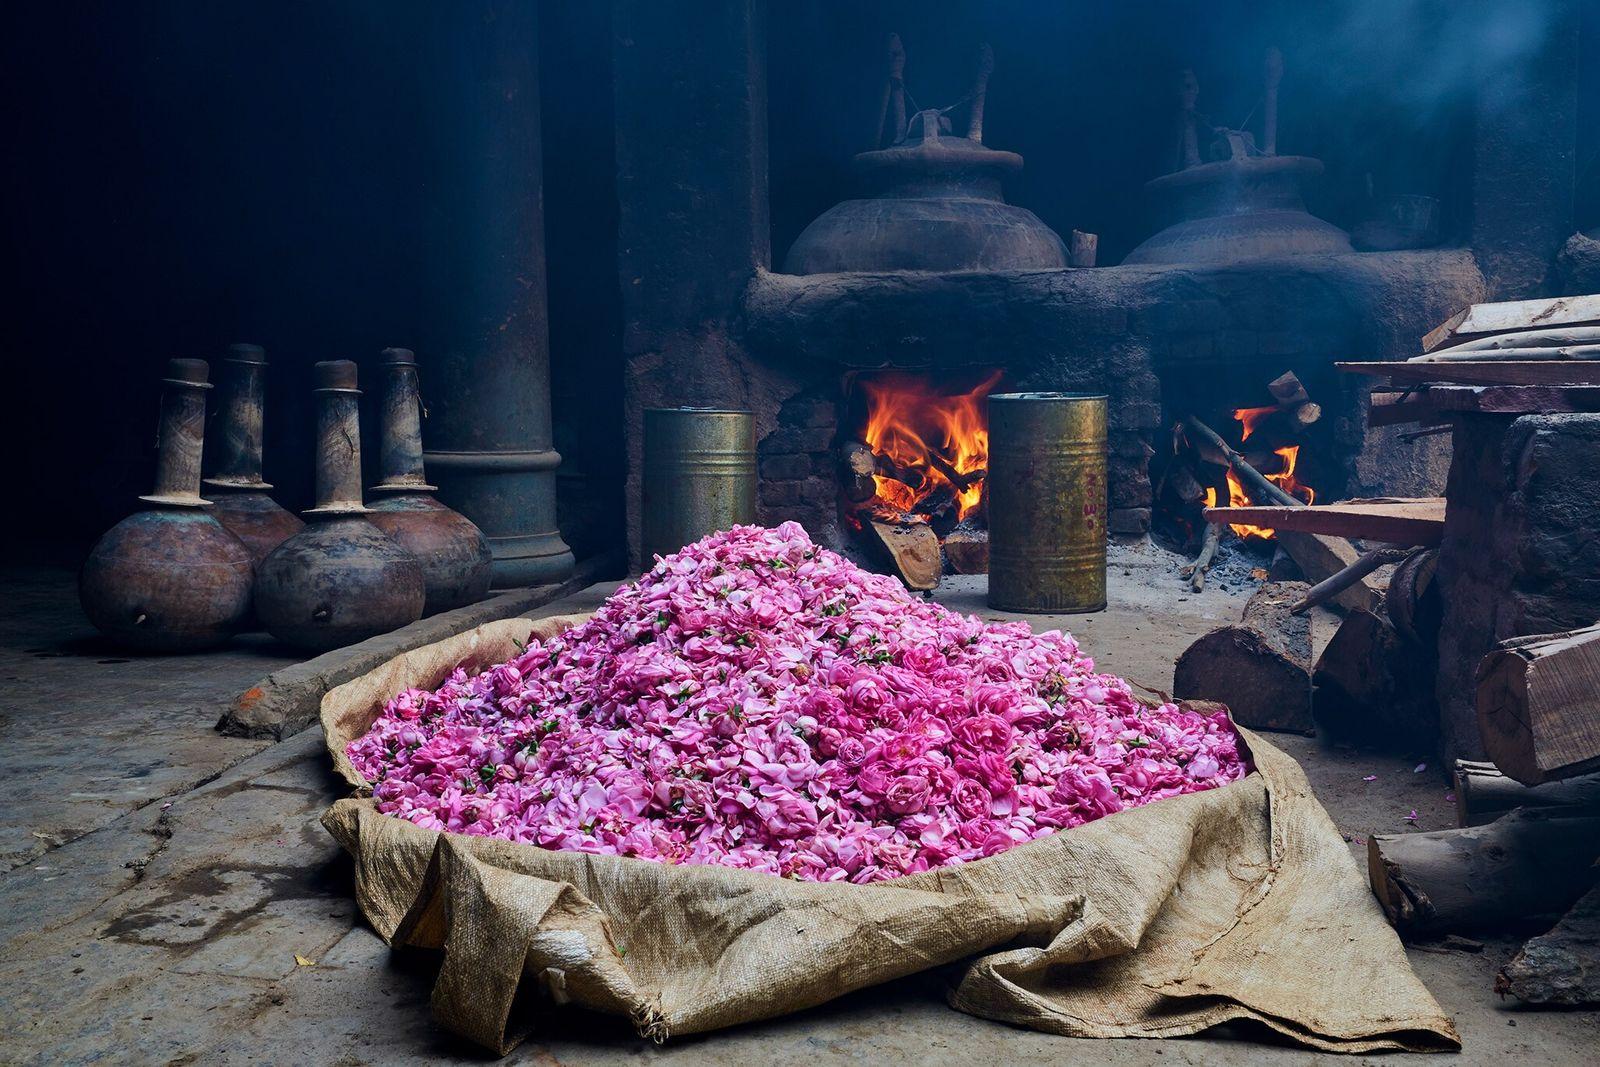 Rodeadas por alambiques e vasos de cobre, rosas recém colhidas são preparadas para virar óleo essencial ...